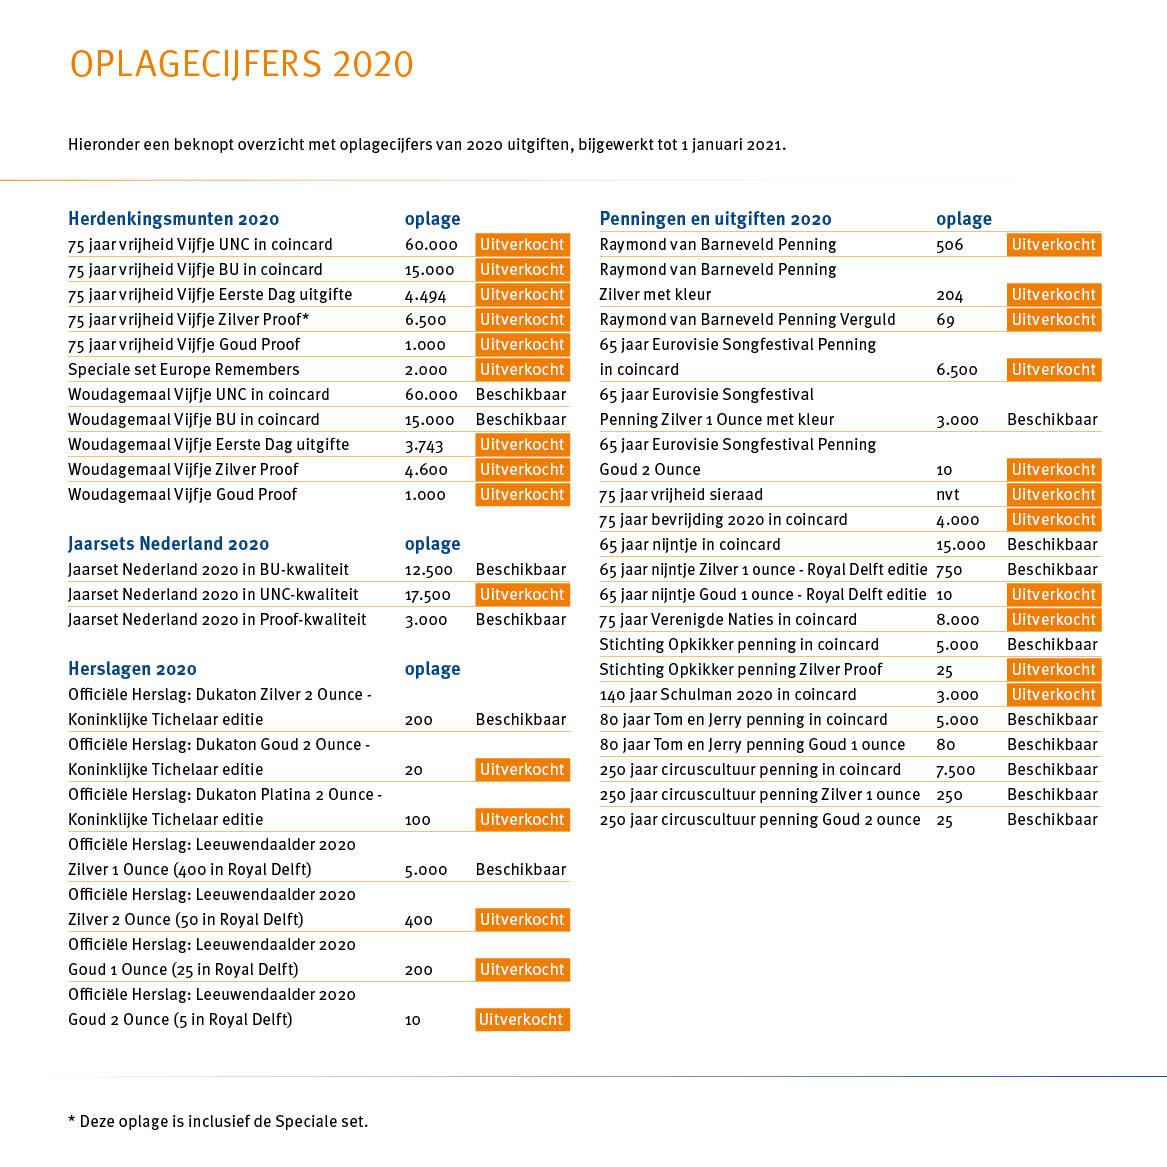 KNM - Oplagecijfers 2020